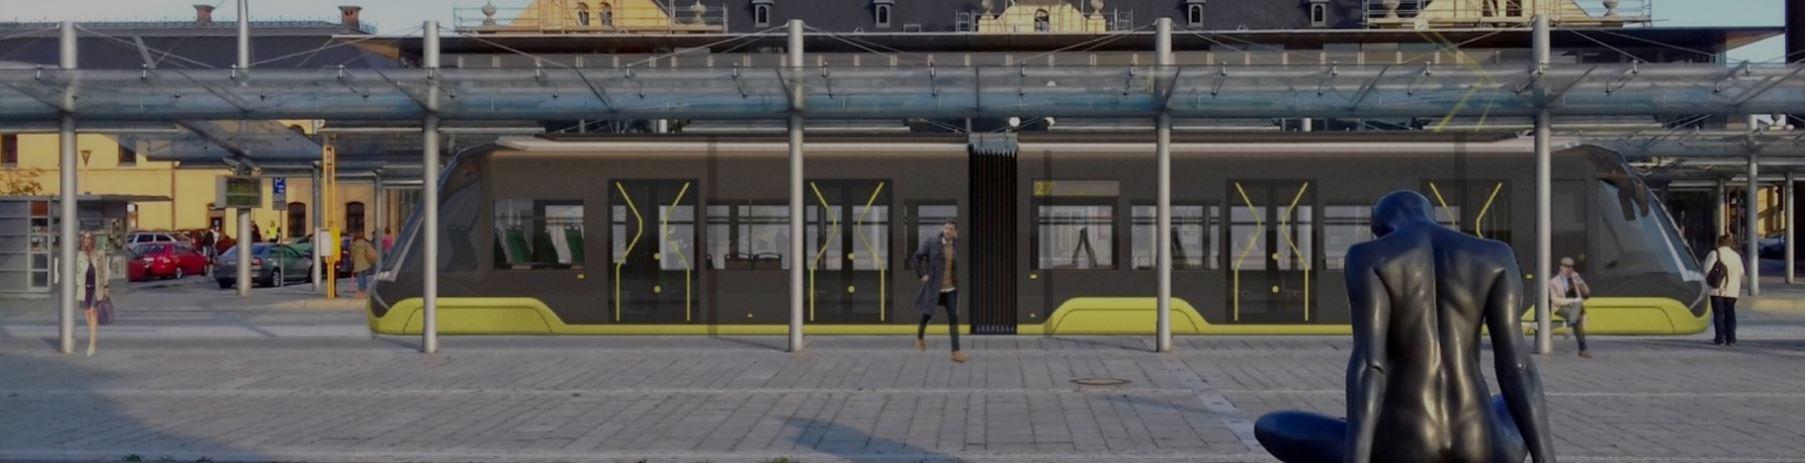 """Ostravská firma uvádí, že je její tramvaj možné vyhotovit v tří-, pěti-, nebo sedmidveřové verzi. Na svém webu se ovšem pochlubila i tímto sympatickým dvoučlánkovým """"vajíčkem"""", které ale není modelem C-05. (vizualizace: TRAM FOR ENVI s.r.o.)"""